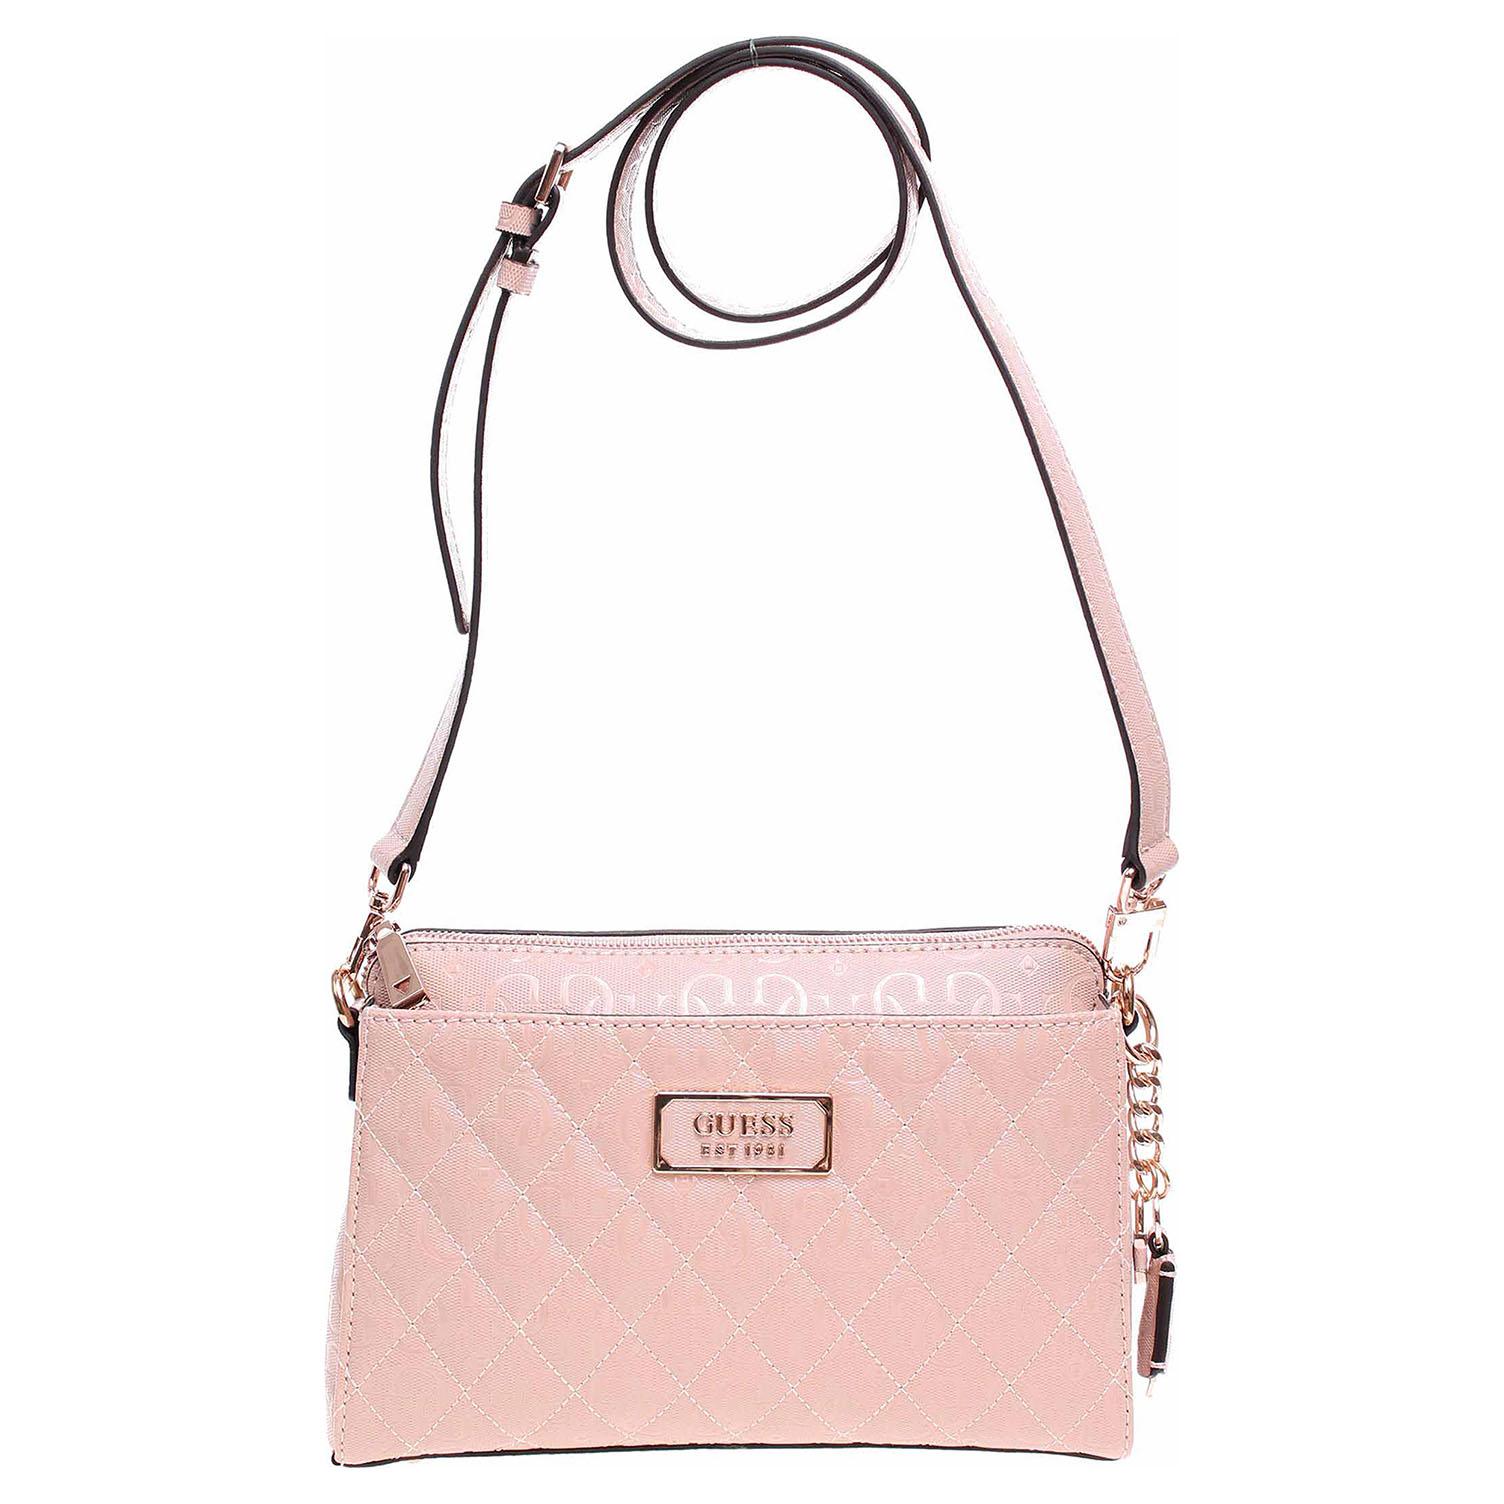 Guess dámská kabelka Lola Glossy Logo HWSR7874140 rose 1